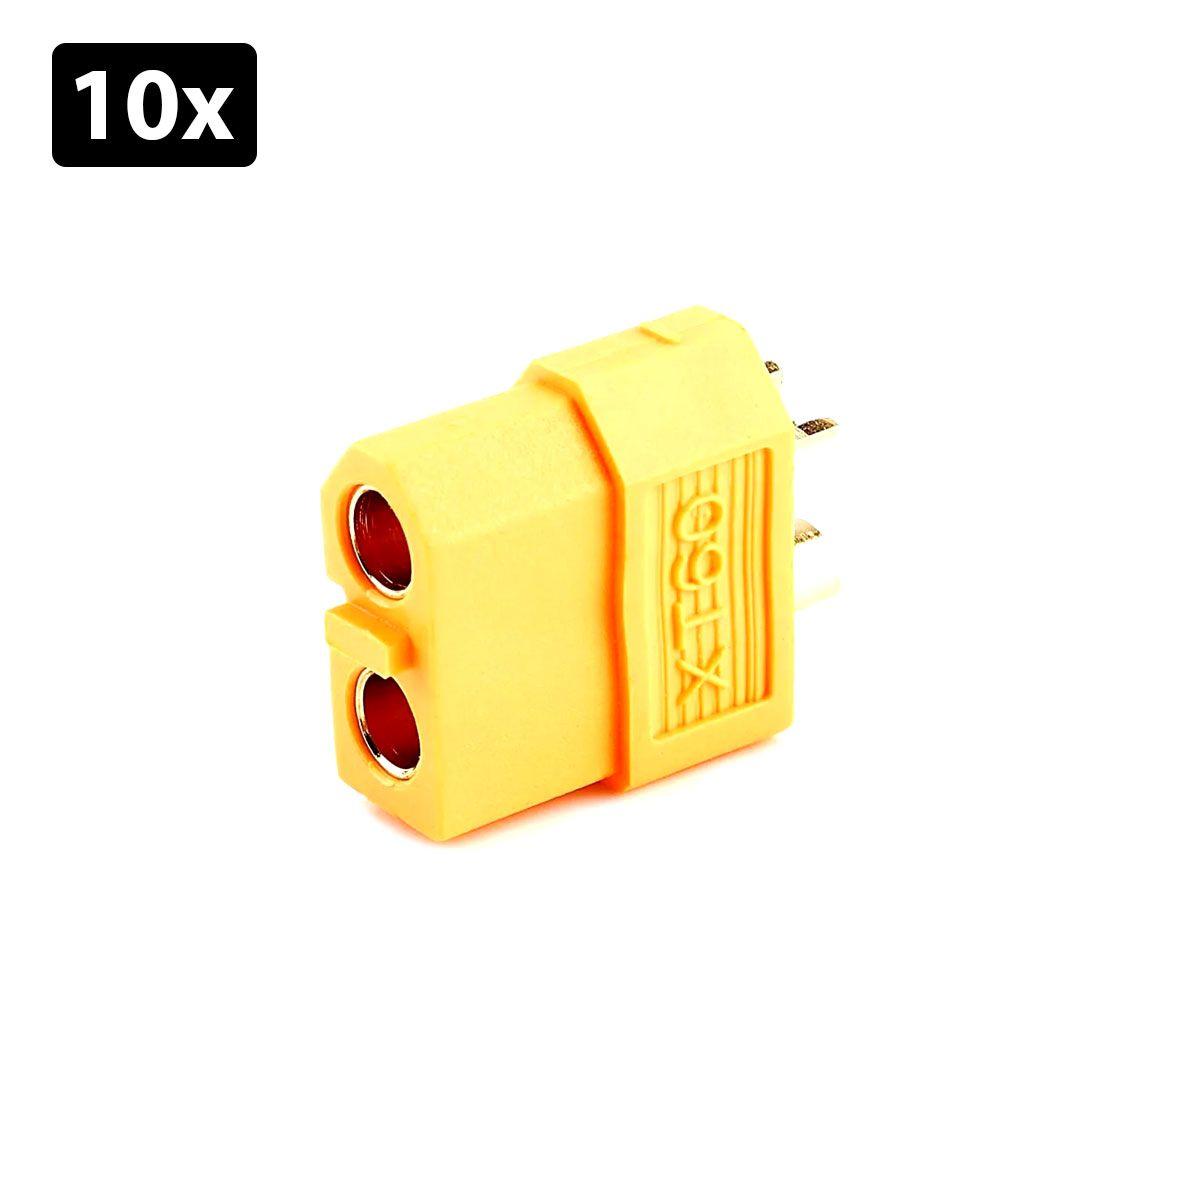 Kit com 10x Conector XT 60 Fêmea | Conector Lipo